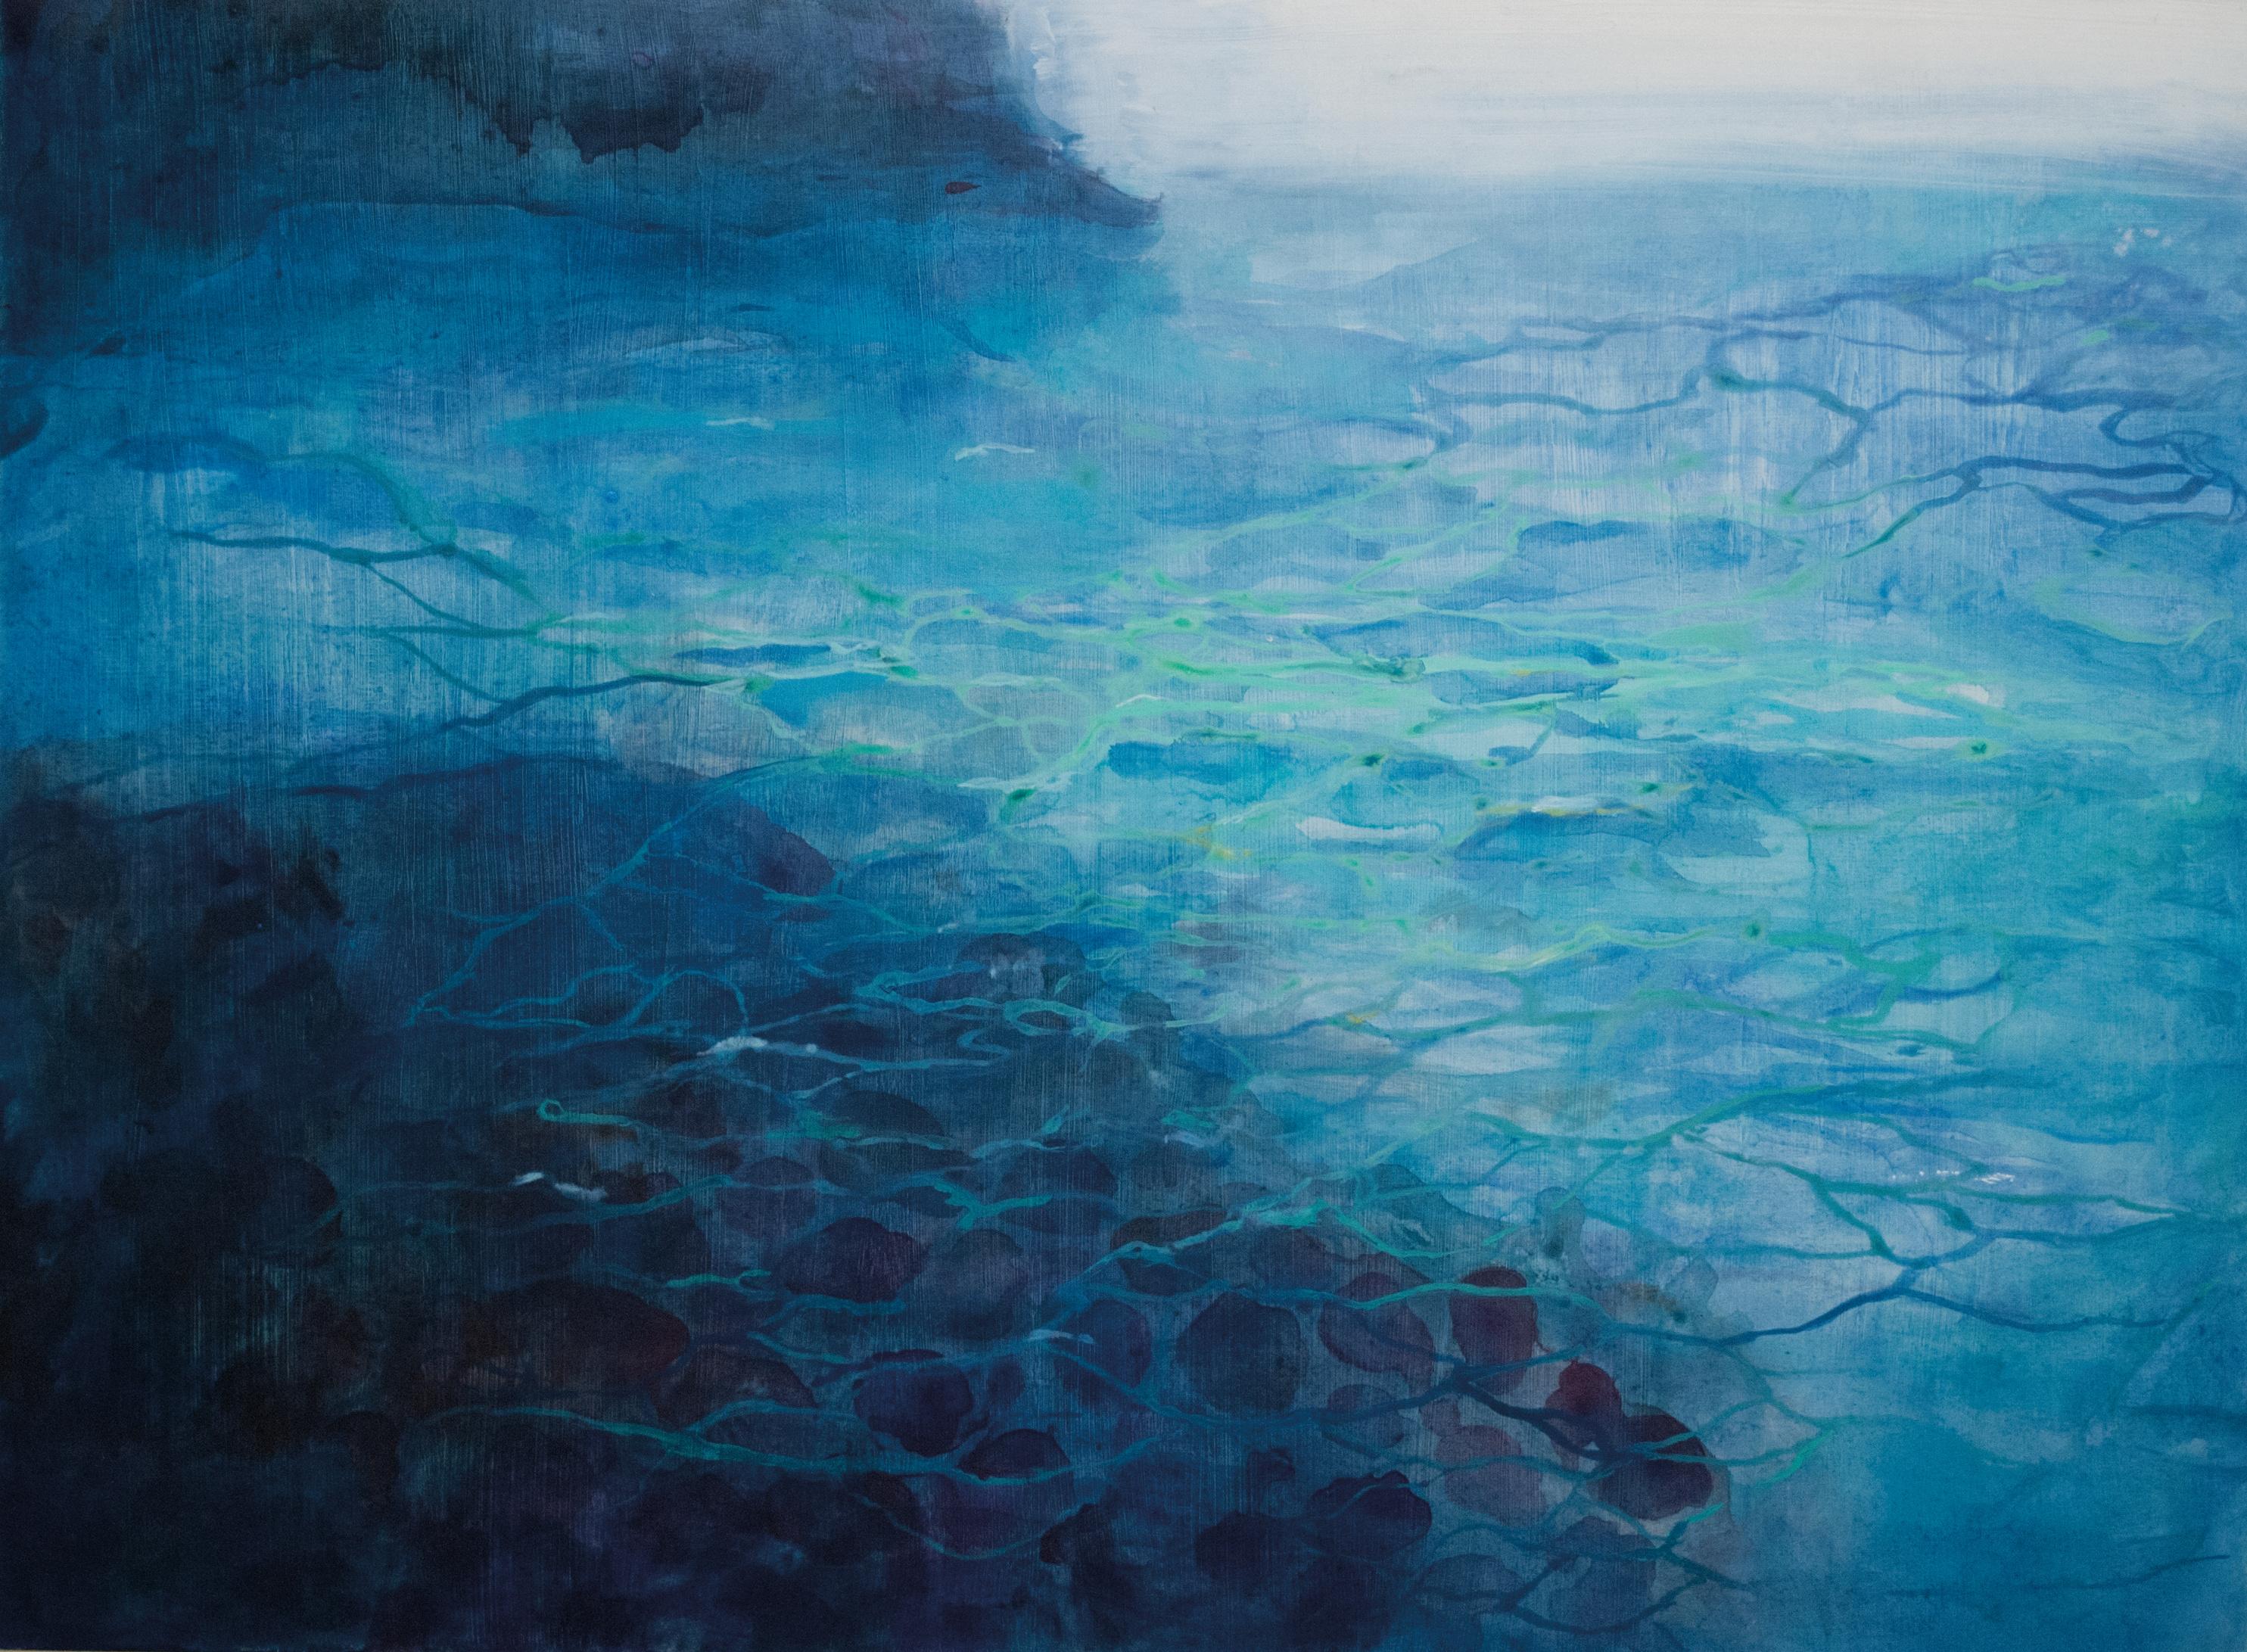 Fons del mar